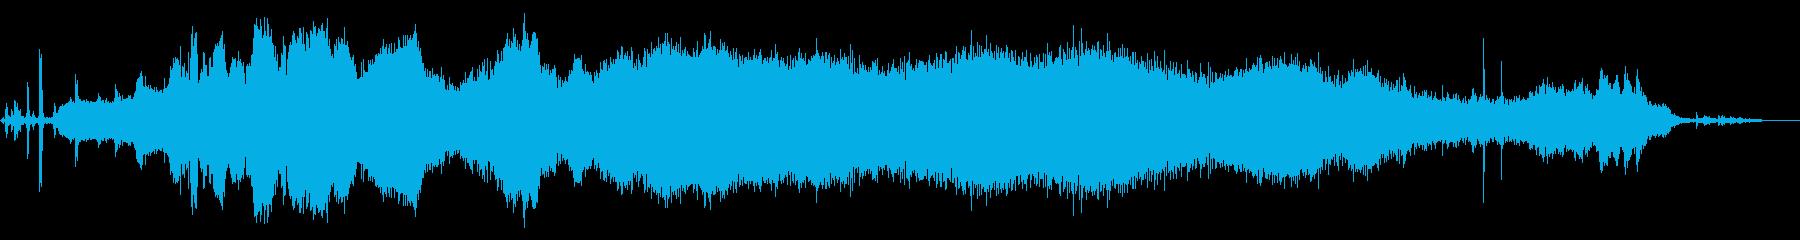 電気自動車:Int:スタート、ハイ...の再生済みの波形